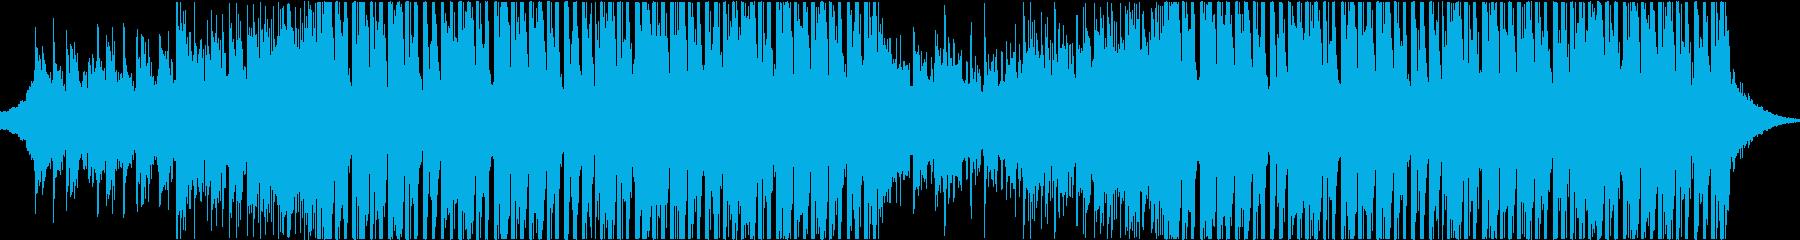 夏気分のやわらかなトロピカルハウスの再生済みの波形